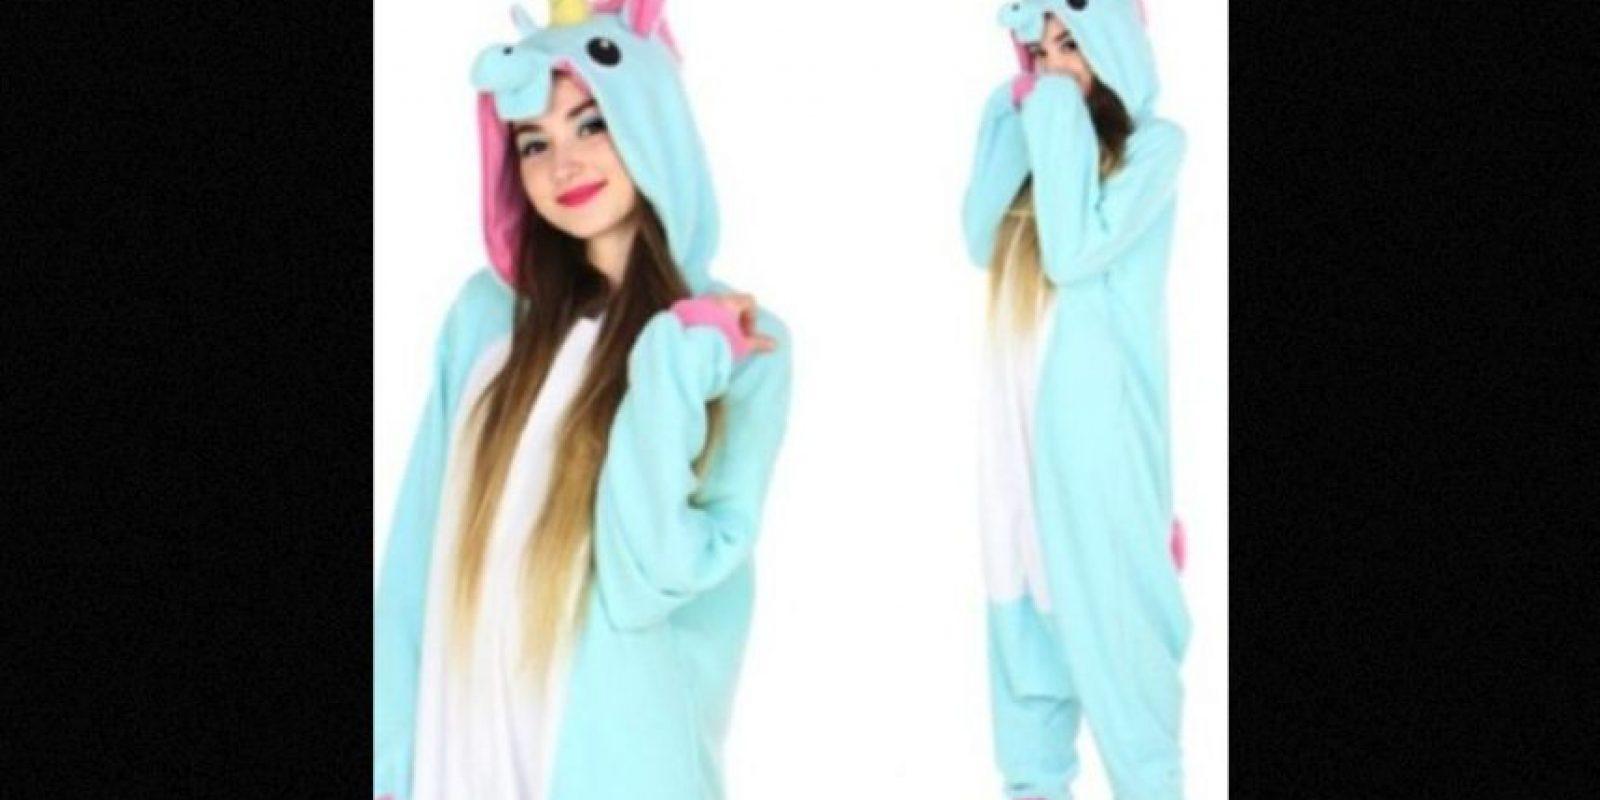 Este unicornio azul tiene un costo de 65 dólares en la tienda Kigu. Foto:kigu.co.uk